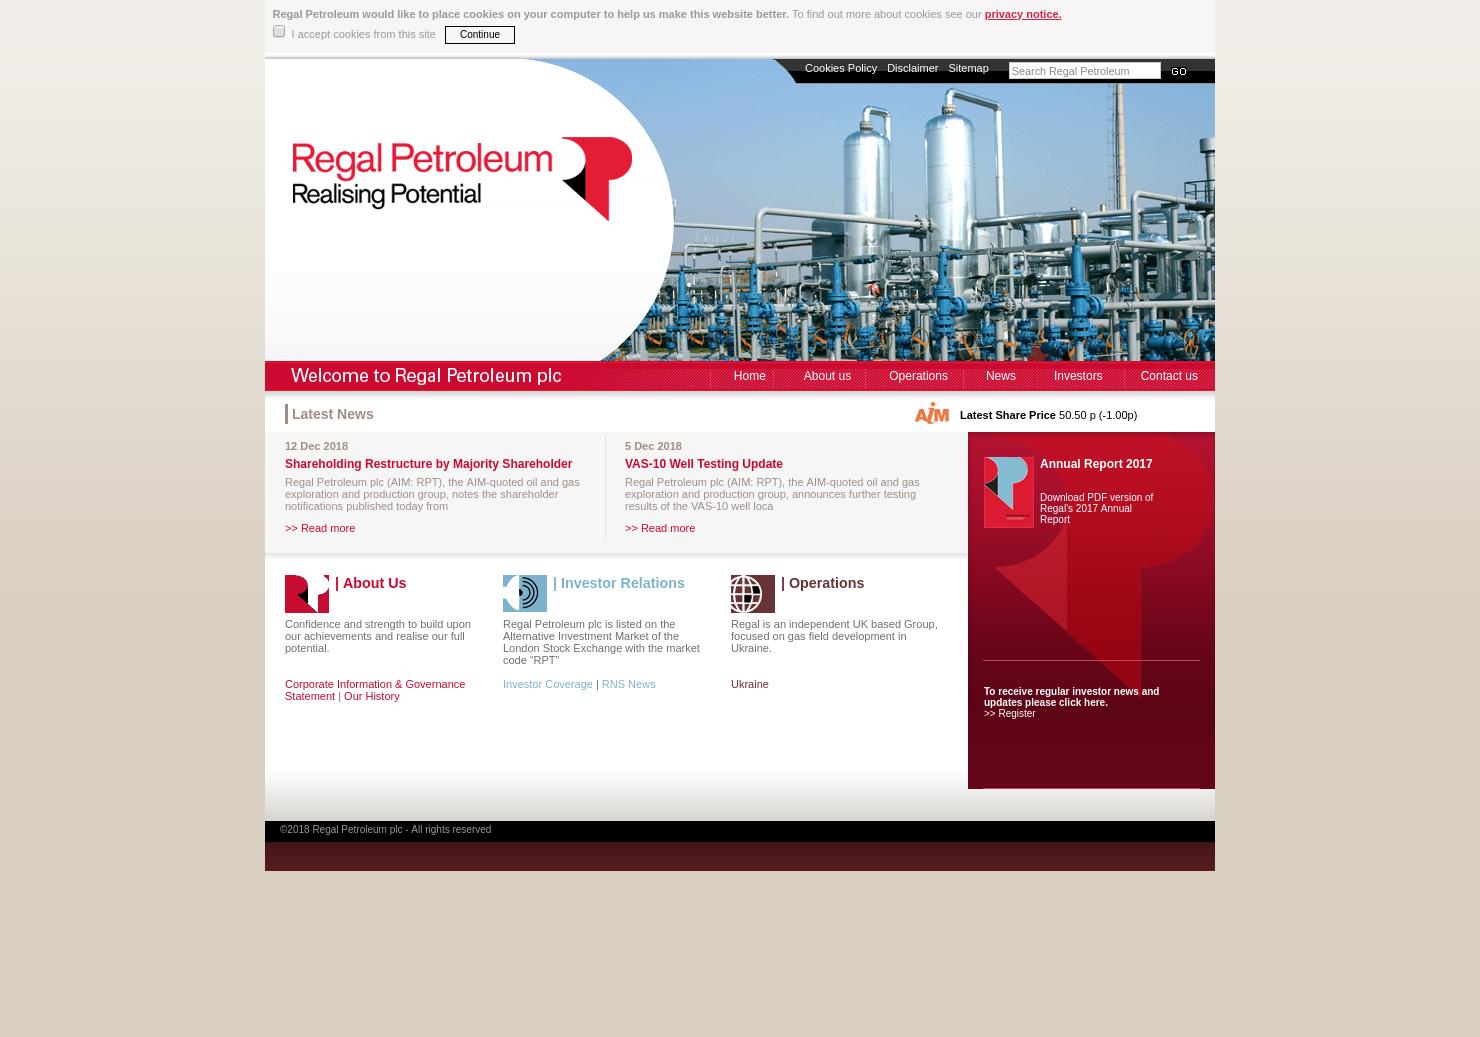 Regal Petroleum Home Page